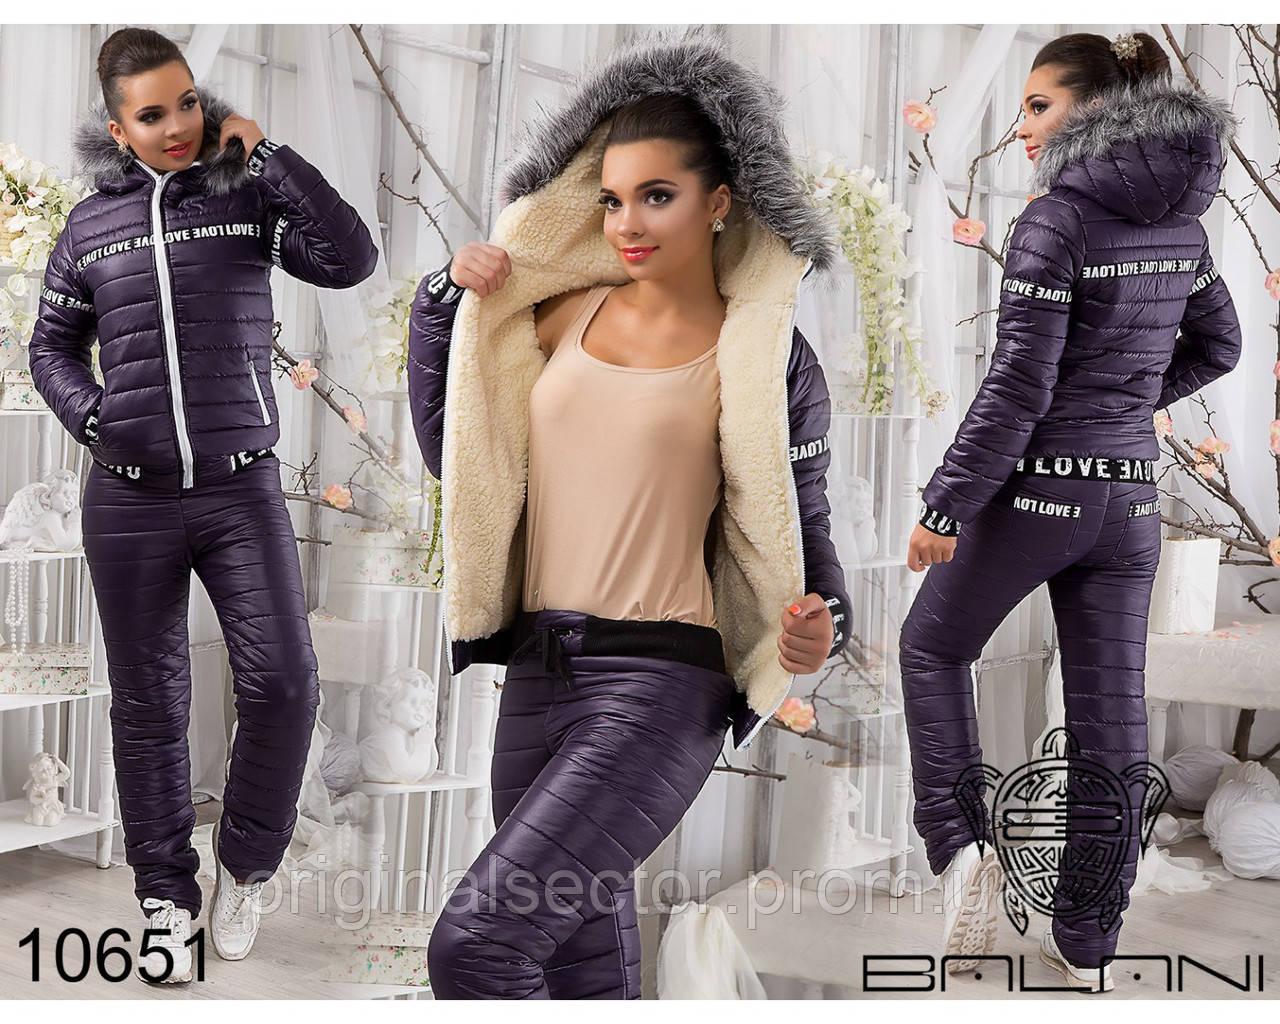 ef67d3711b12 Теплый зимний женский лыжный костюм LOVE - интернет-магазин